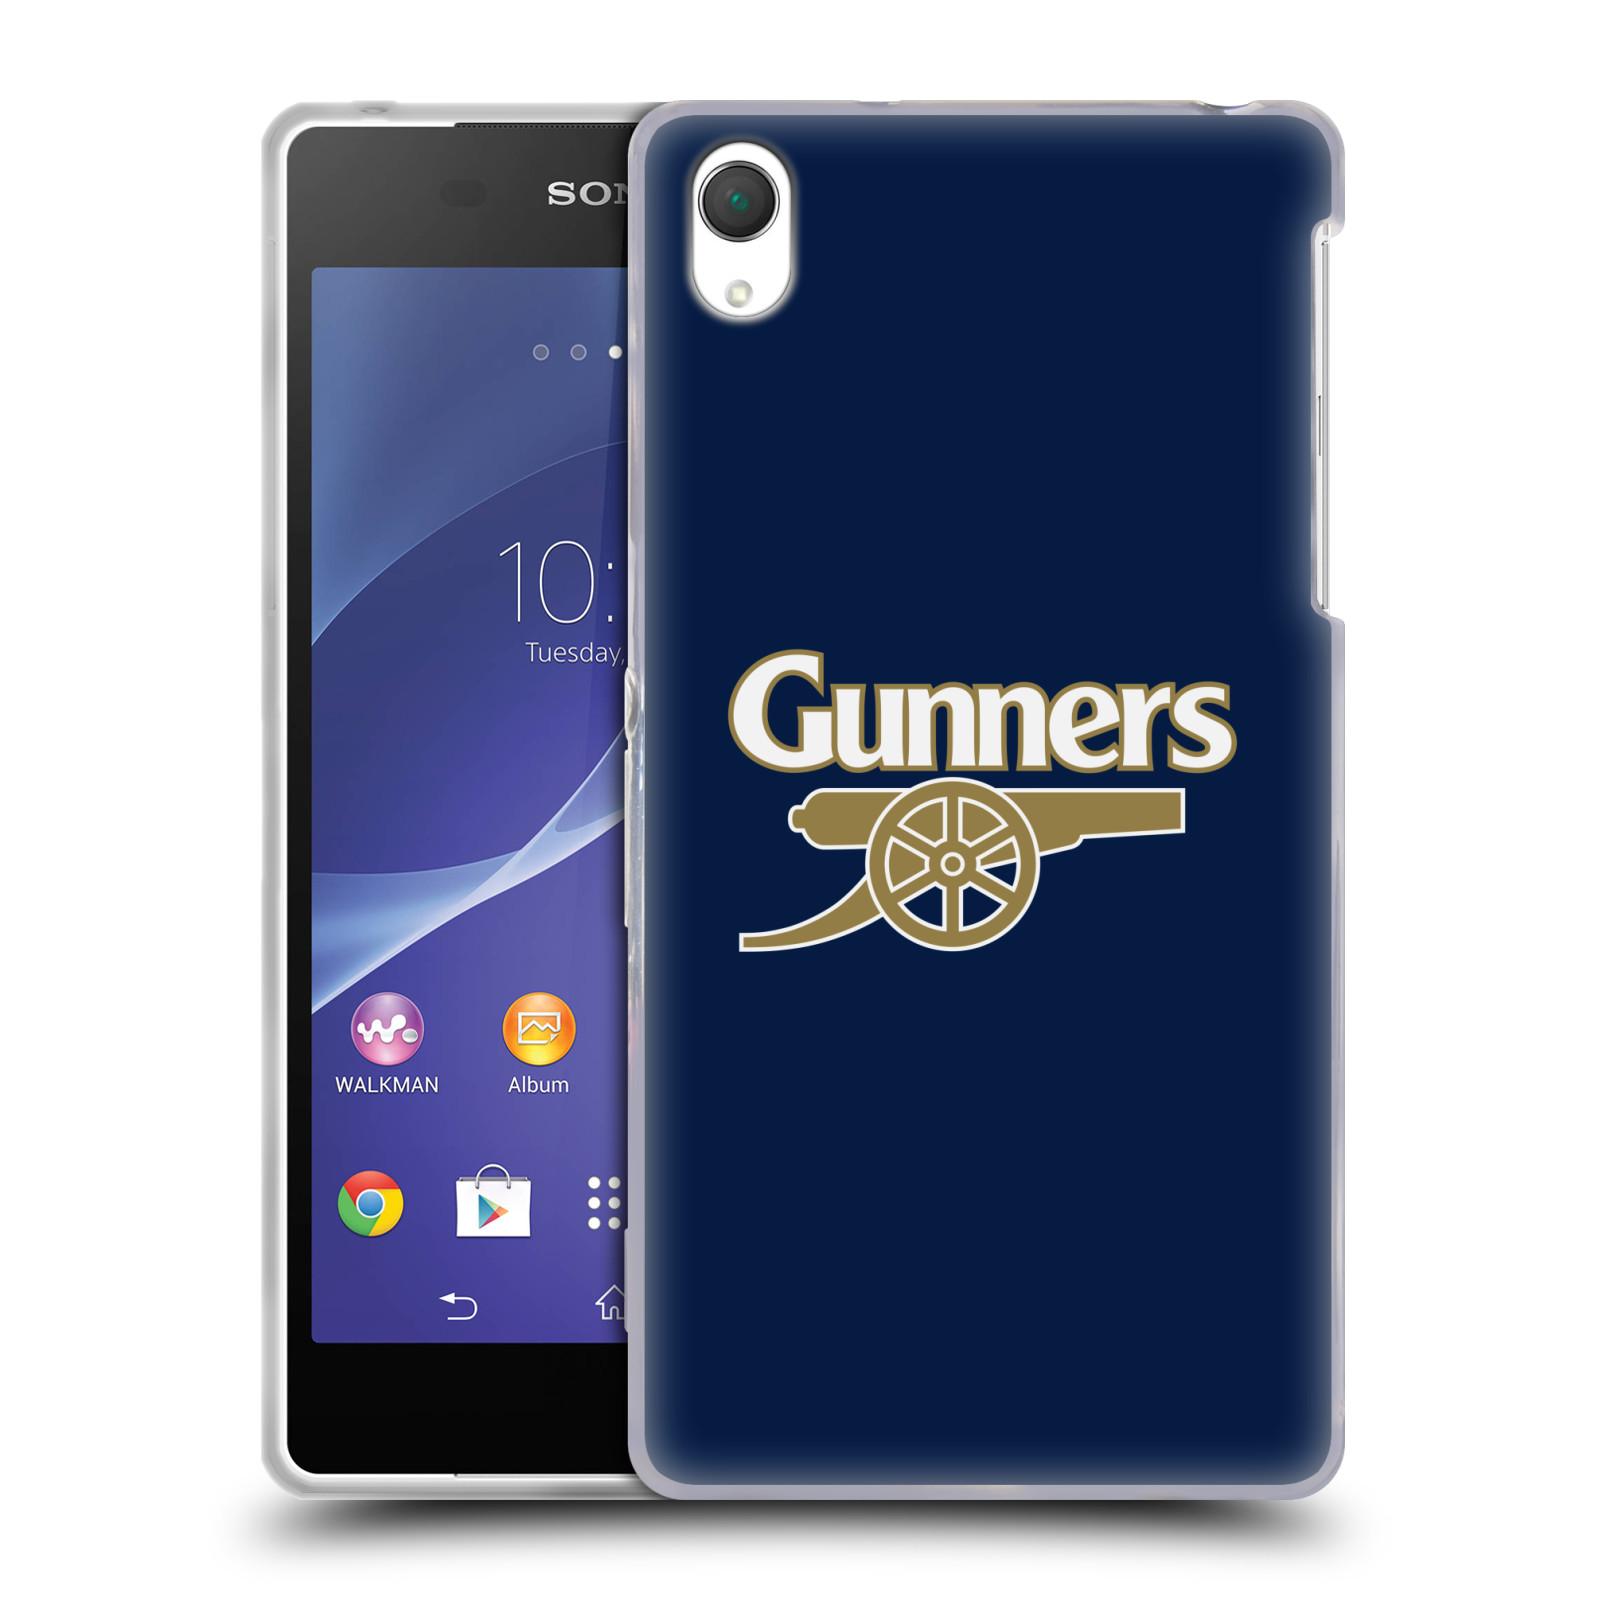 Silikonové pouzdro na mobil Sony Xperia Z2 D6503 - Head Case - Arsenal FC - Gunners